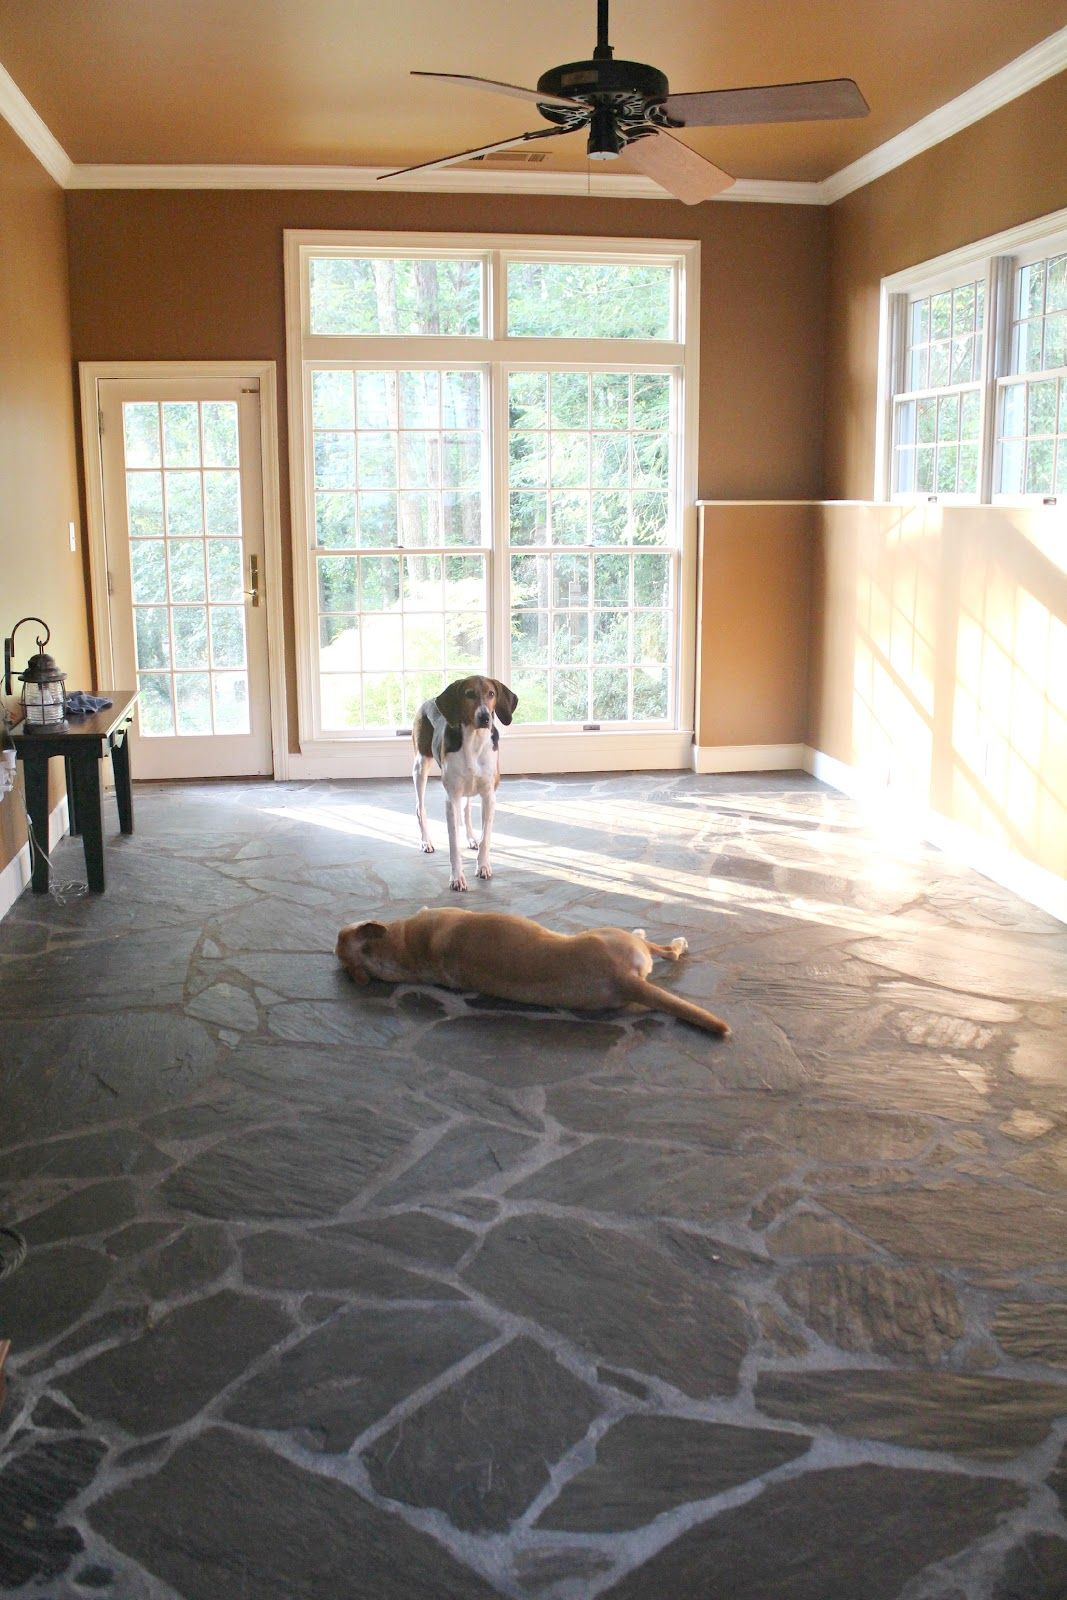 Slate Room Living Room Makeover The Before Photos With Images Living Room Makeover Tile Layout Room #slate #floors #in #living #room